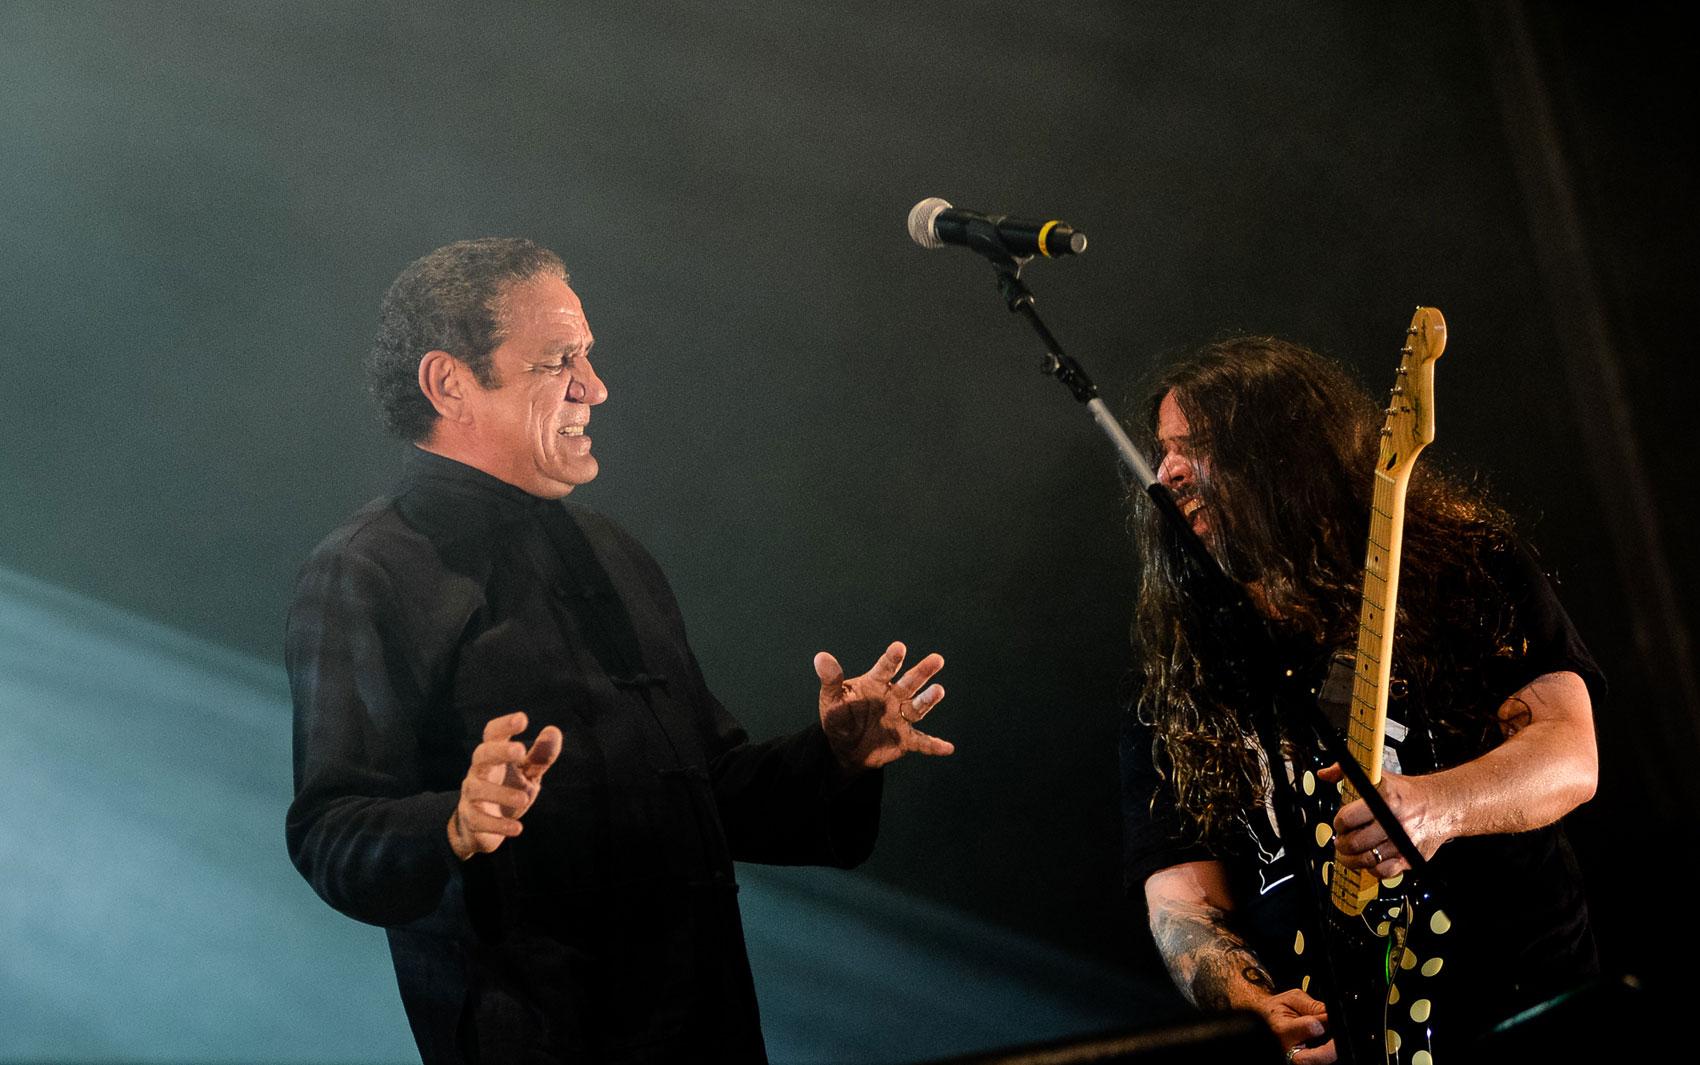 Sepultura e Zé Ramalho fizeram o último show no Palco Sunset neste Rock in Rio; apresentação começou às 19h30 deste domingo (22).